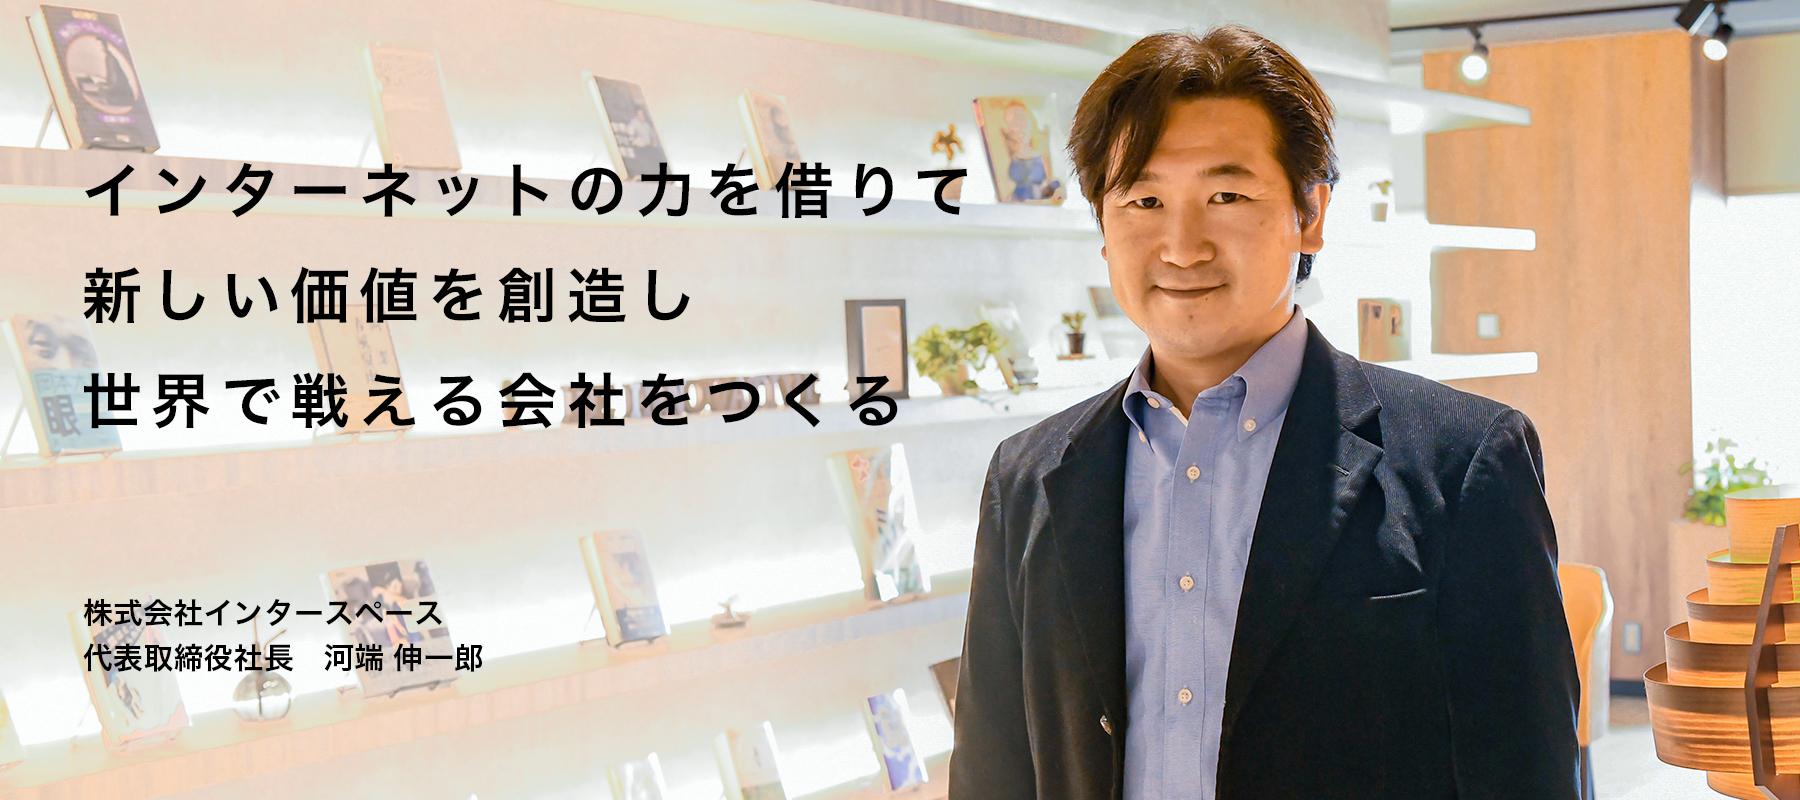 代表取締役社長 河端 伸一郎